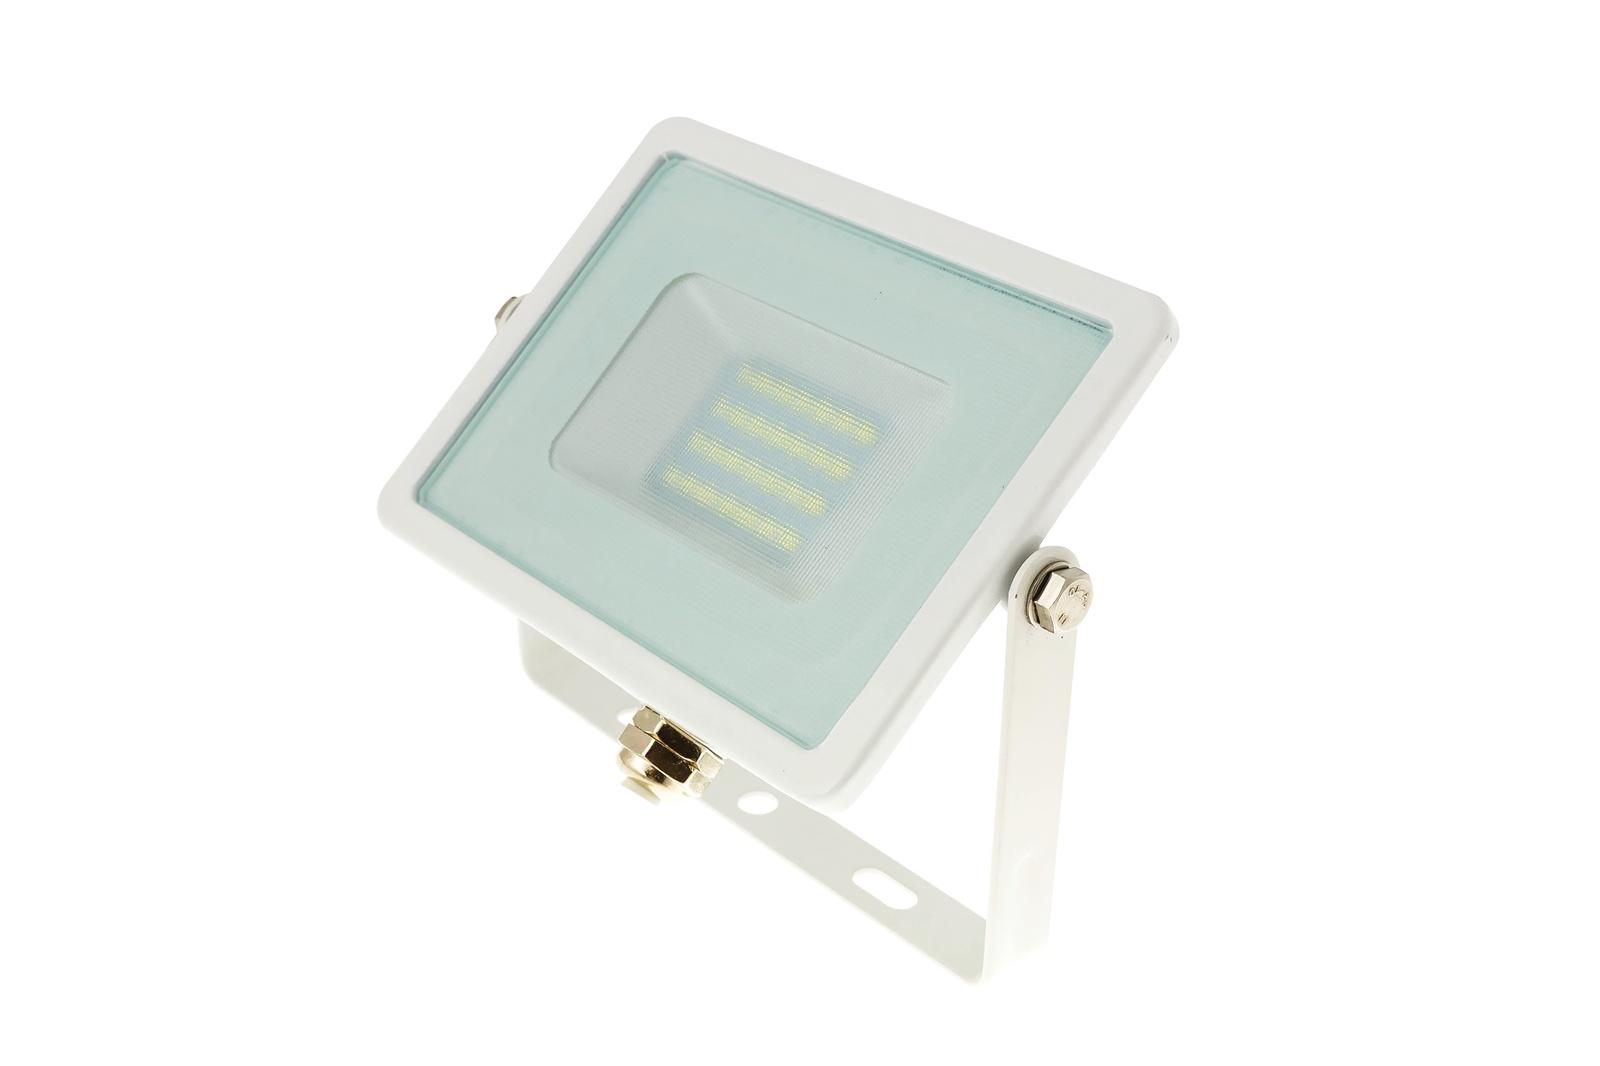 Прожектор Feron Светодиодный LL-920 белый цена